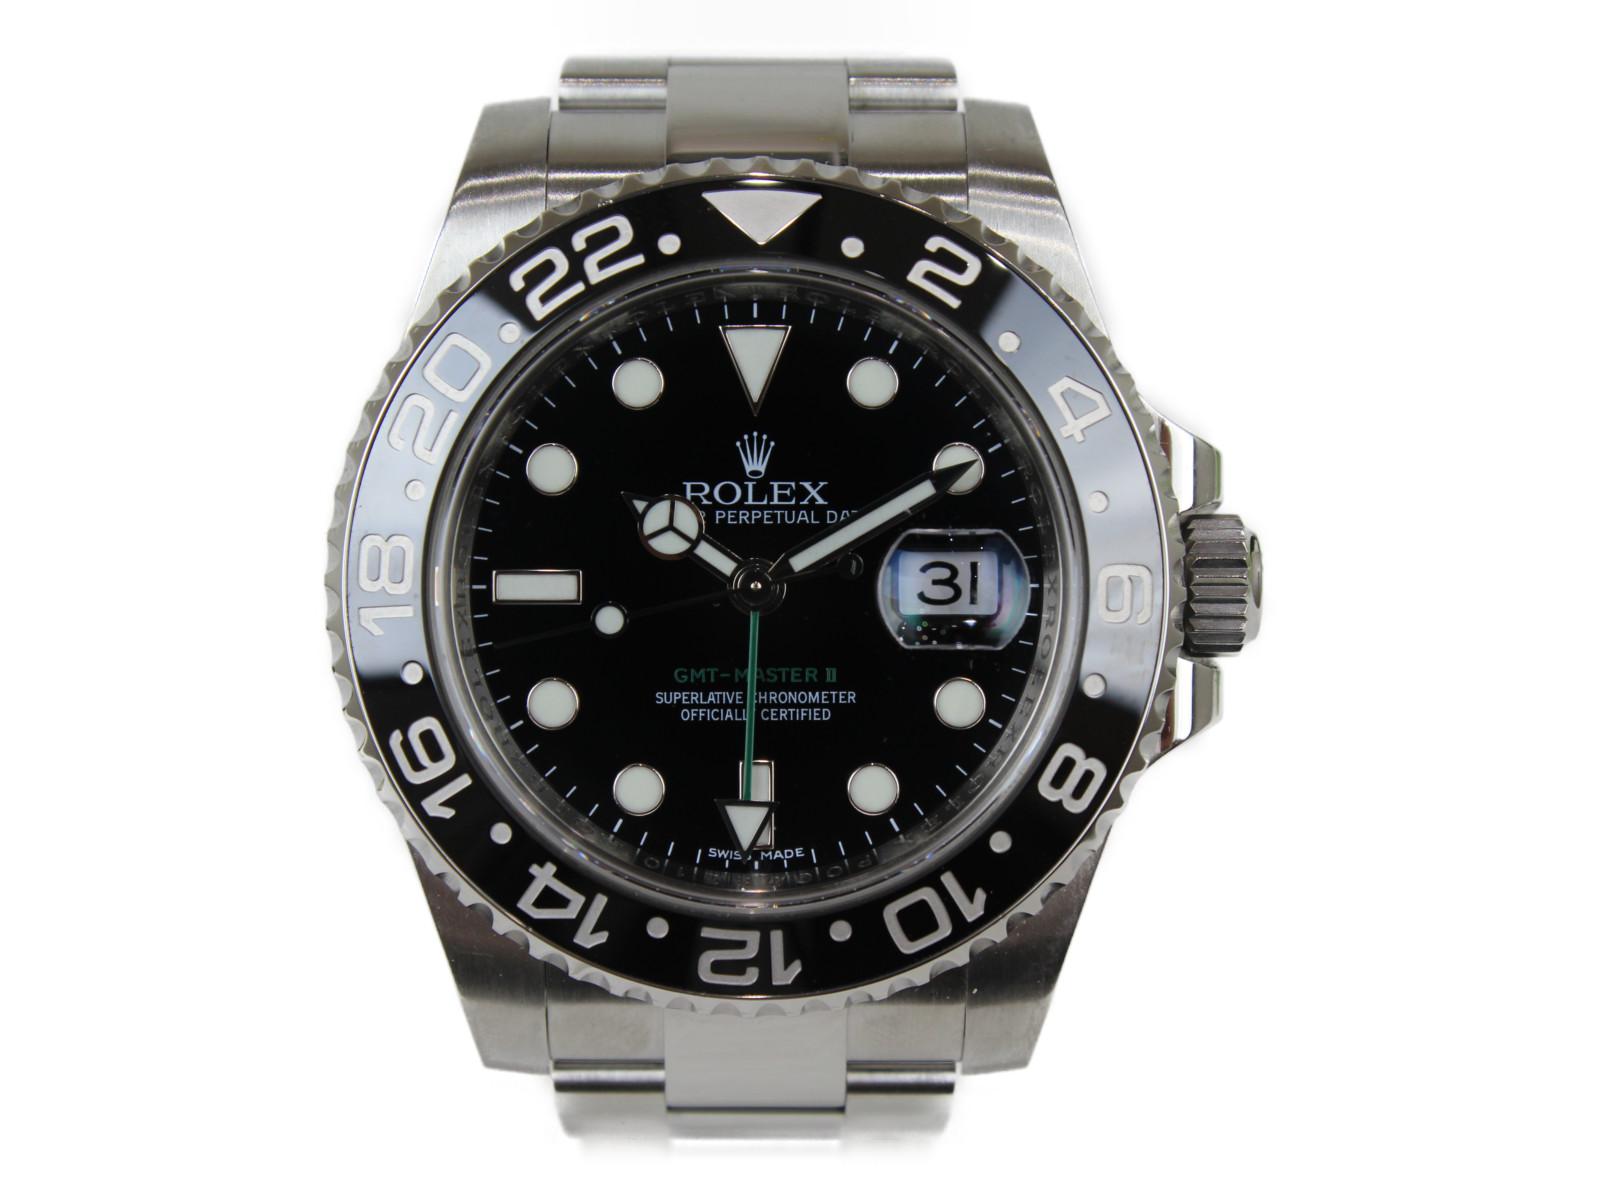 【箱あり】 ROLEX GMTマスター2 116710LN SS ステンレススチール 自動巻き 腕時計 メンズ レディース ユニセックス ブラックベゼル ランダム 【中古】